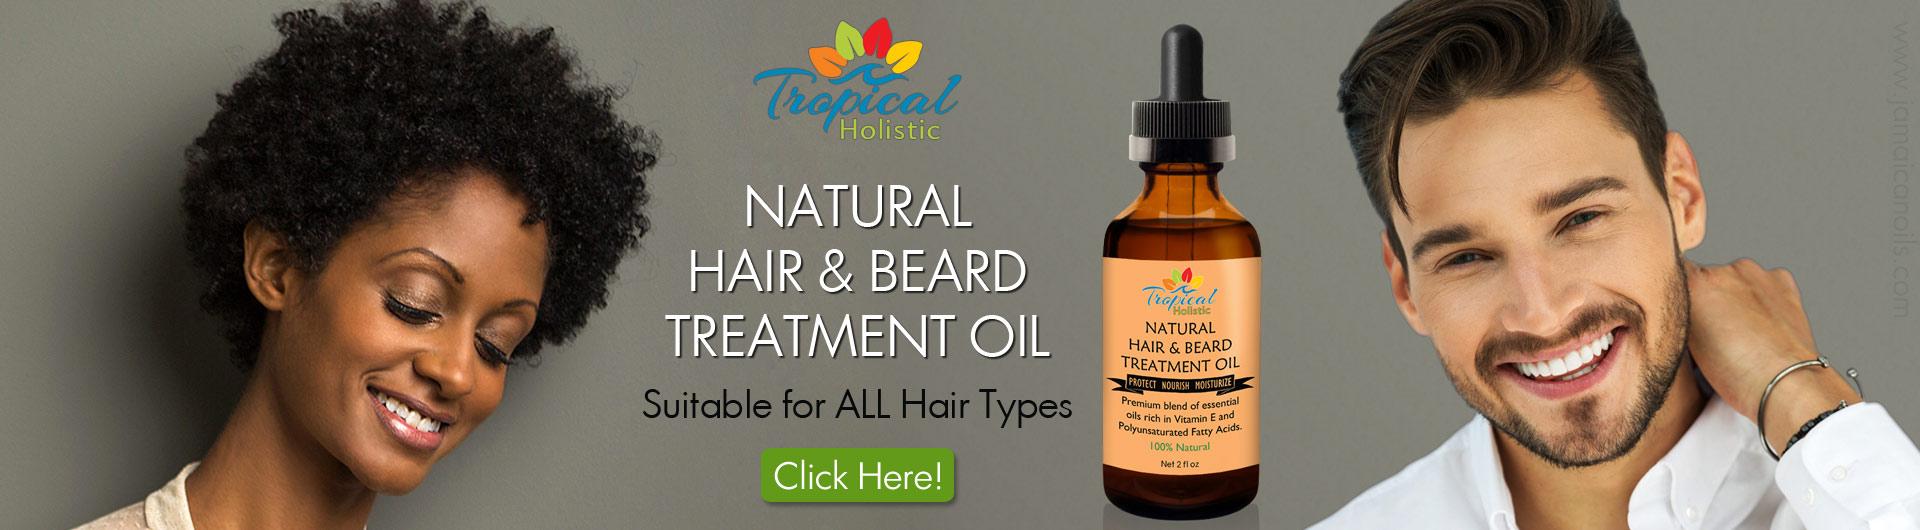 100% Pure Natural Hair & Beard Treatment Oil